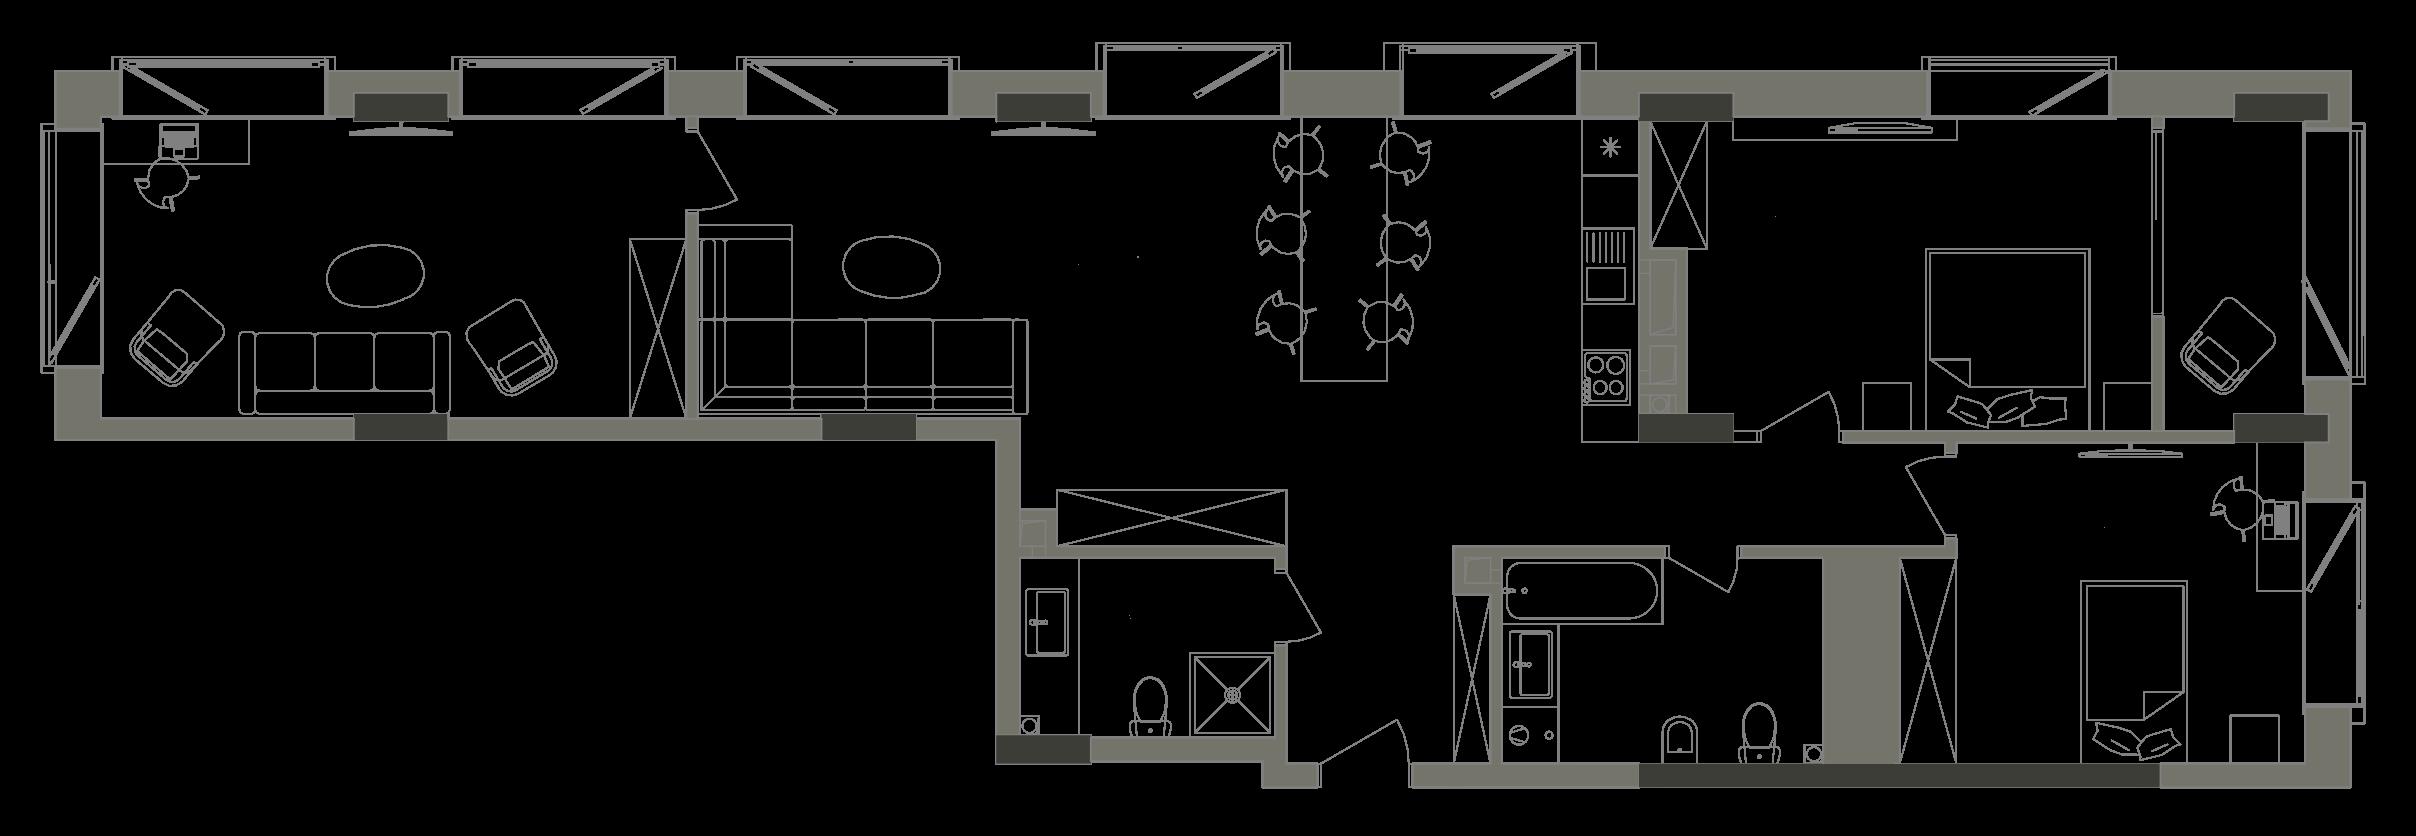 Квартира KV_64_3V_1_1_6